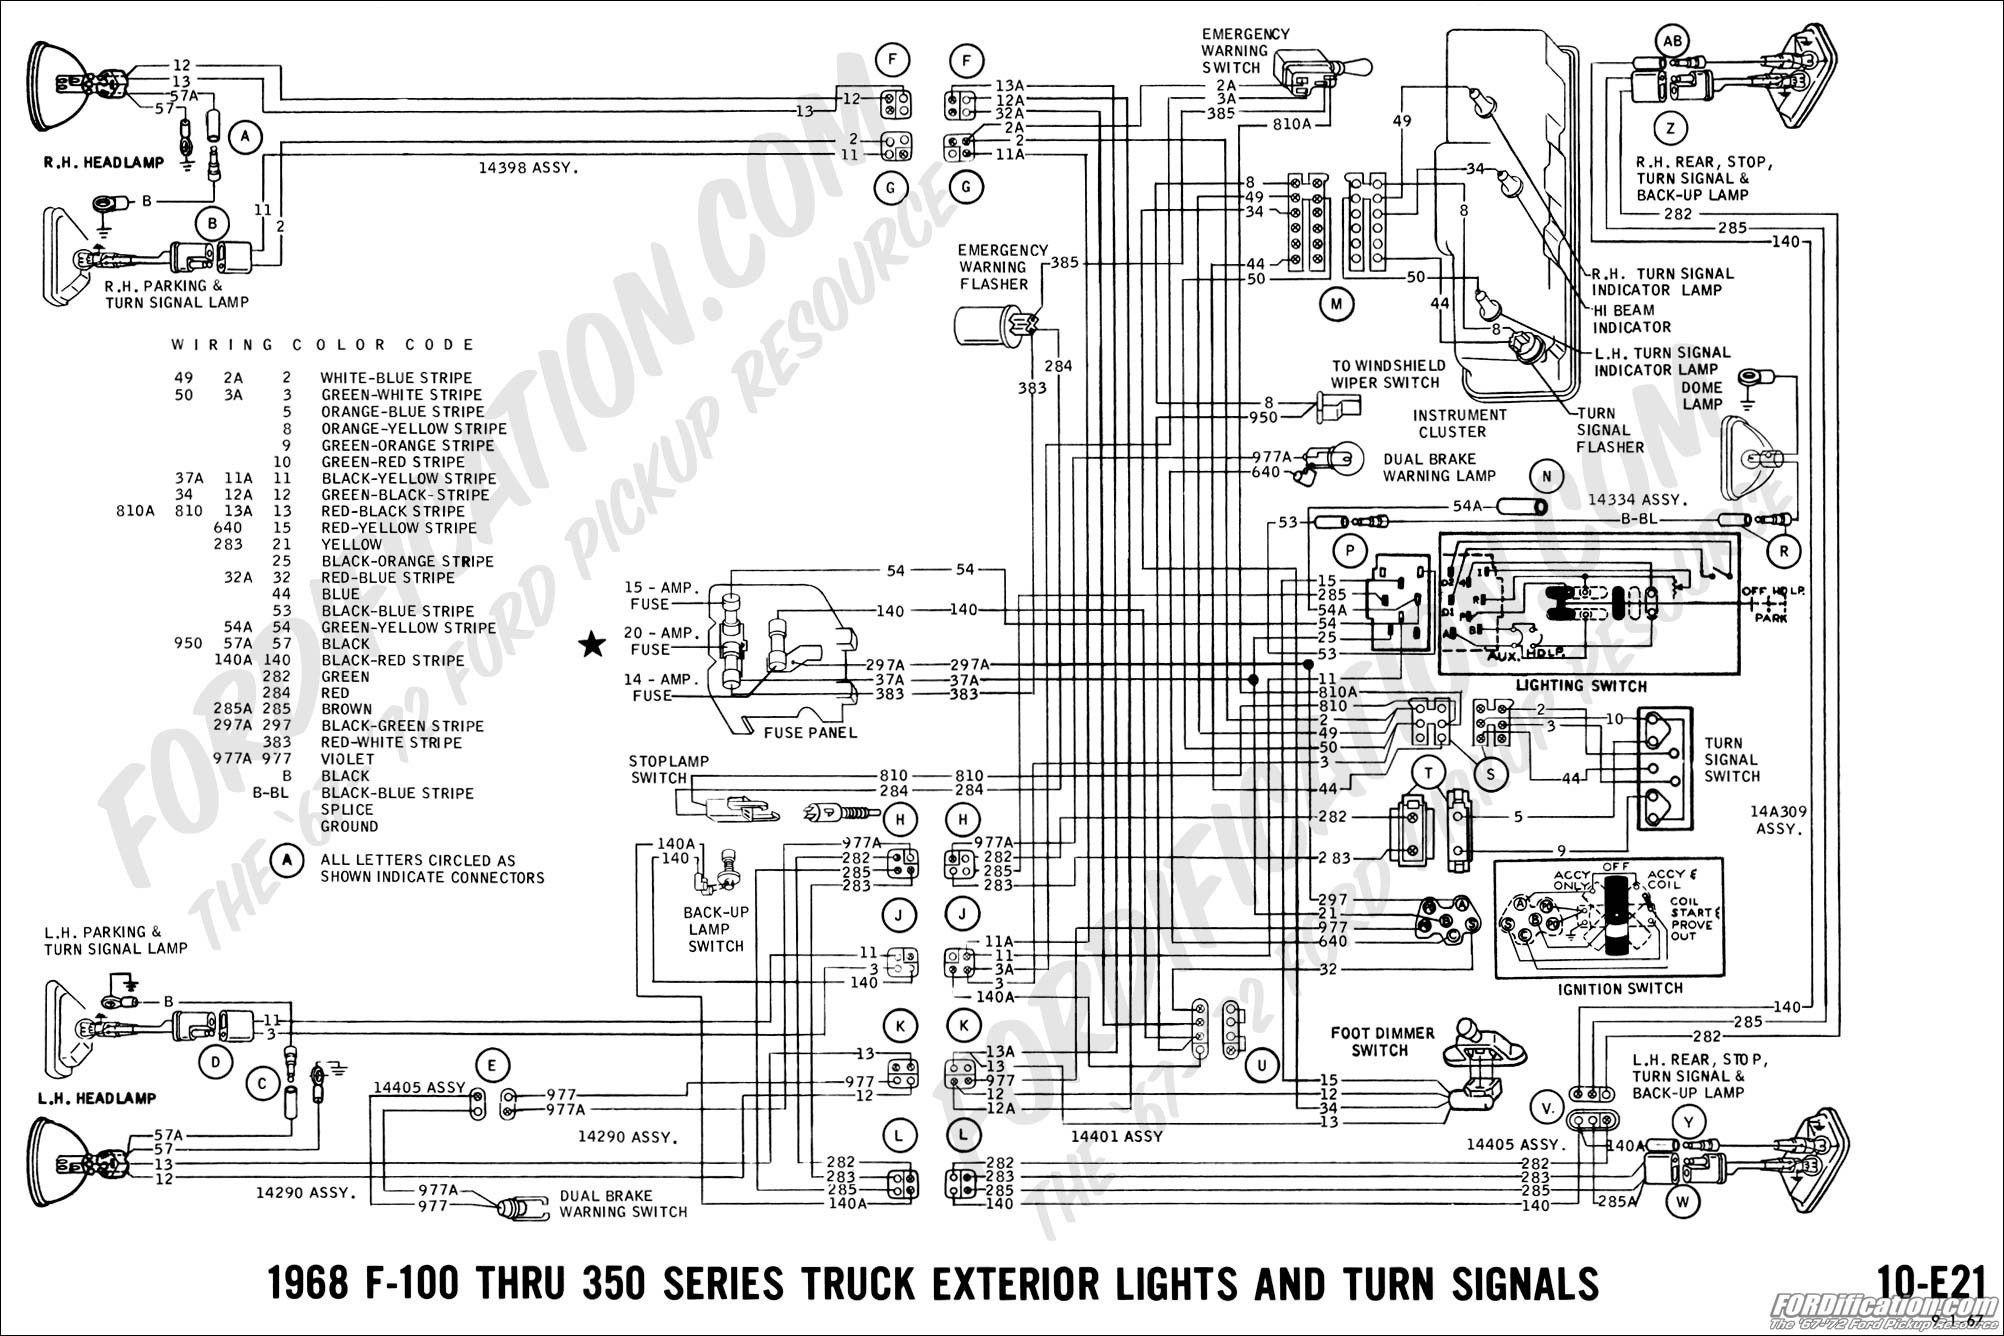 Volvo S40 Wiring Diagram 2005 19v16662 In 2020 Volvo S80 Volvo Volvo S40